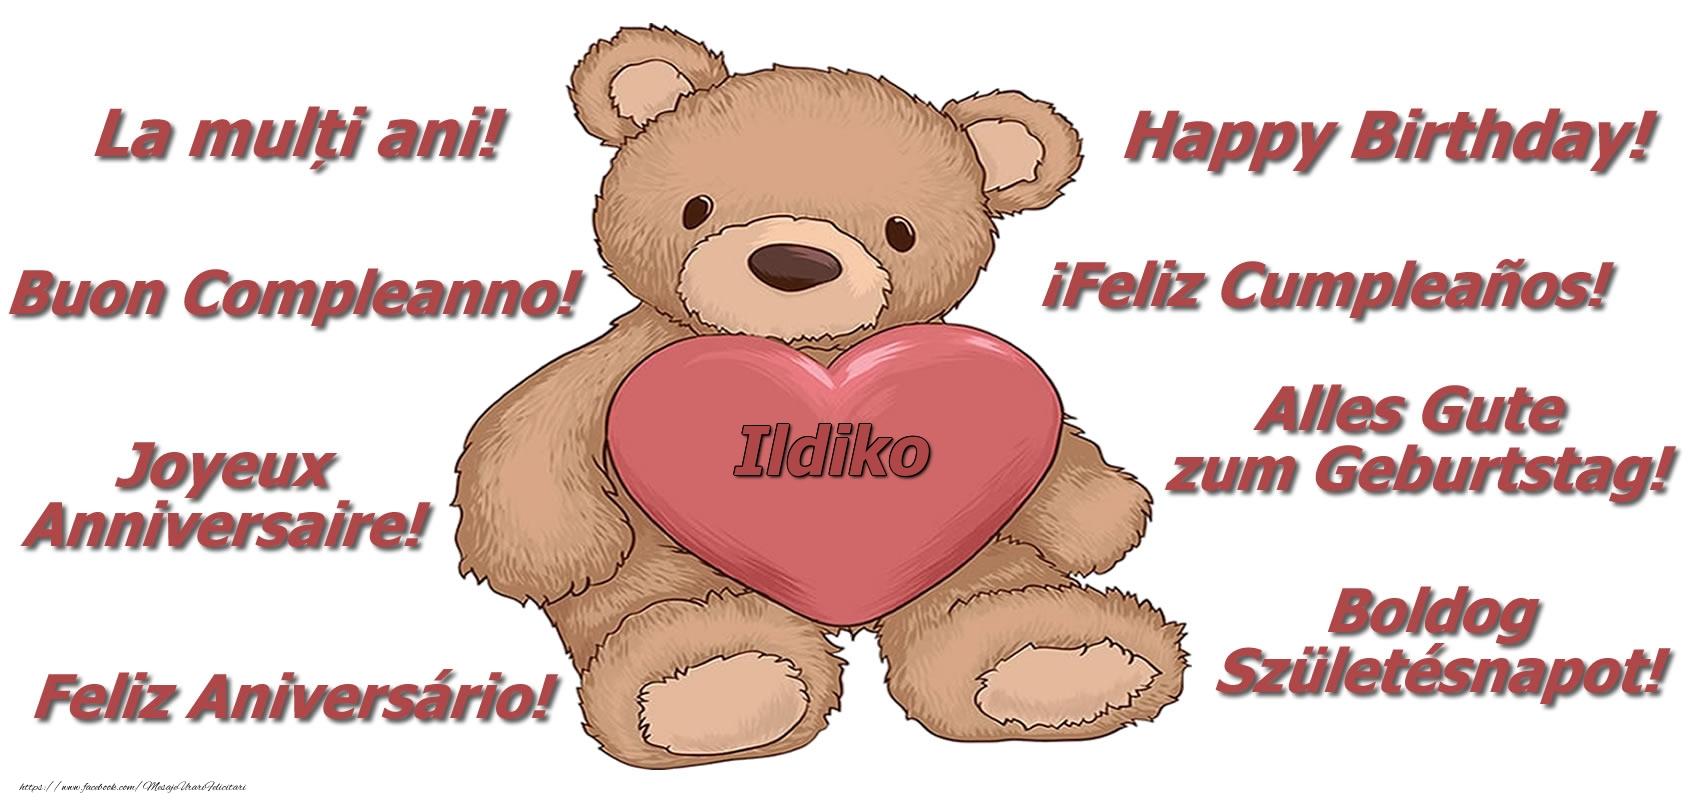 Felicitari de zi de nastere - La multi ani Ildiko! - Ursulet